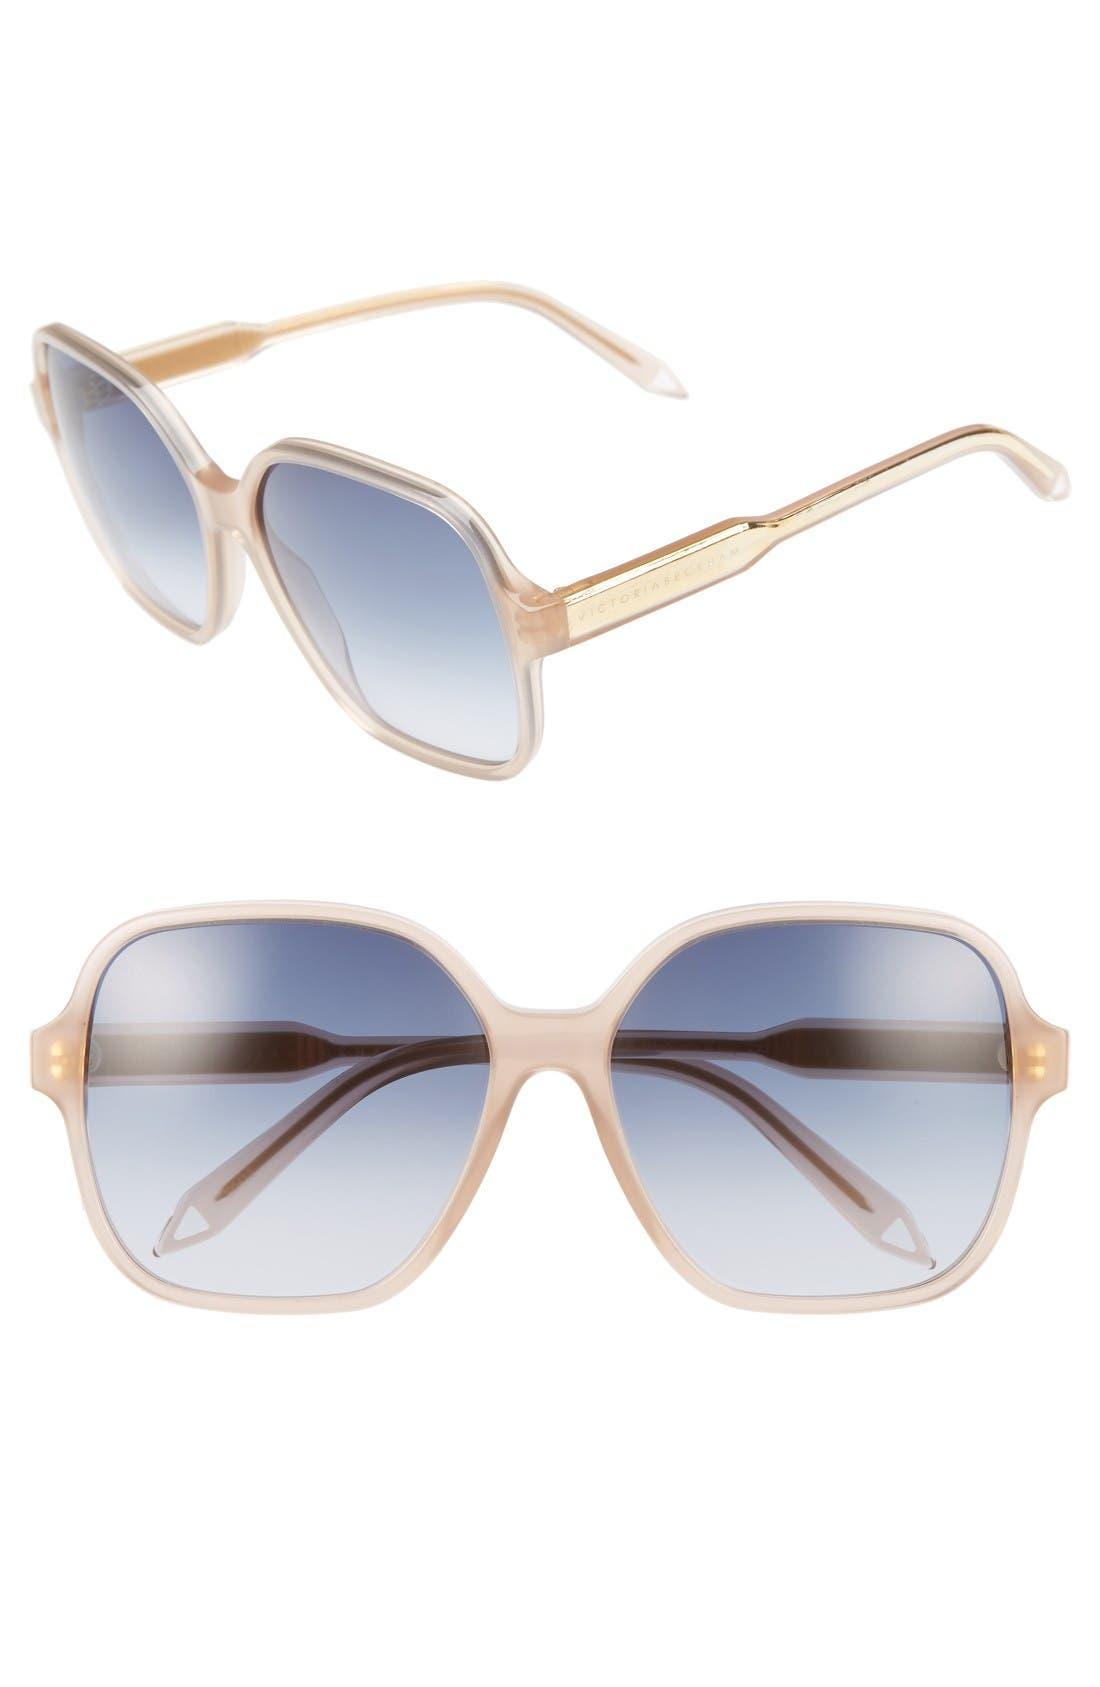 Victoria Beckham Iconic Square 59mm Sunglasses